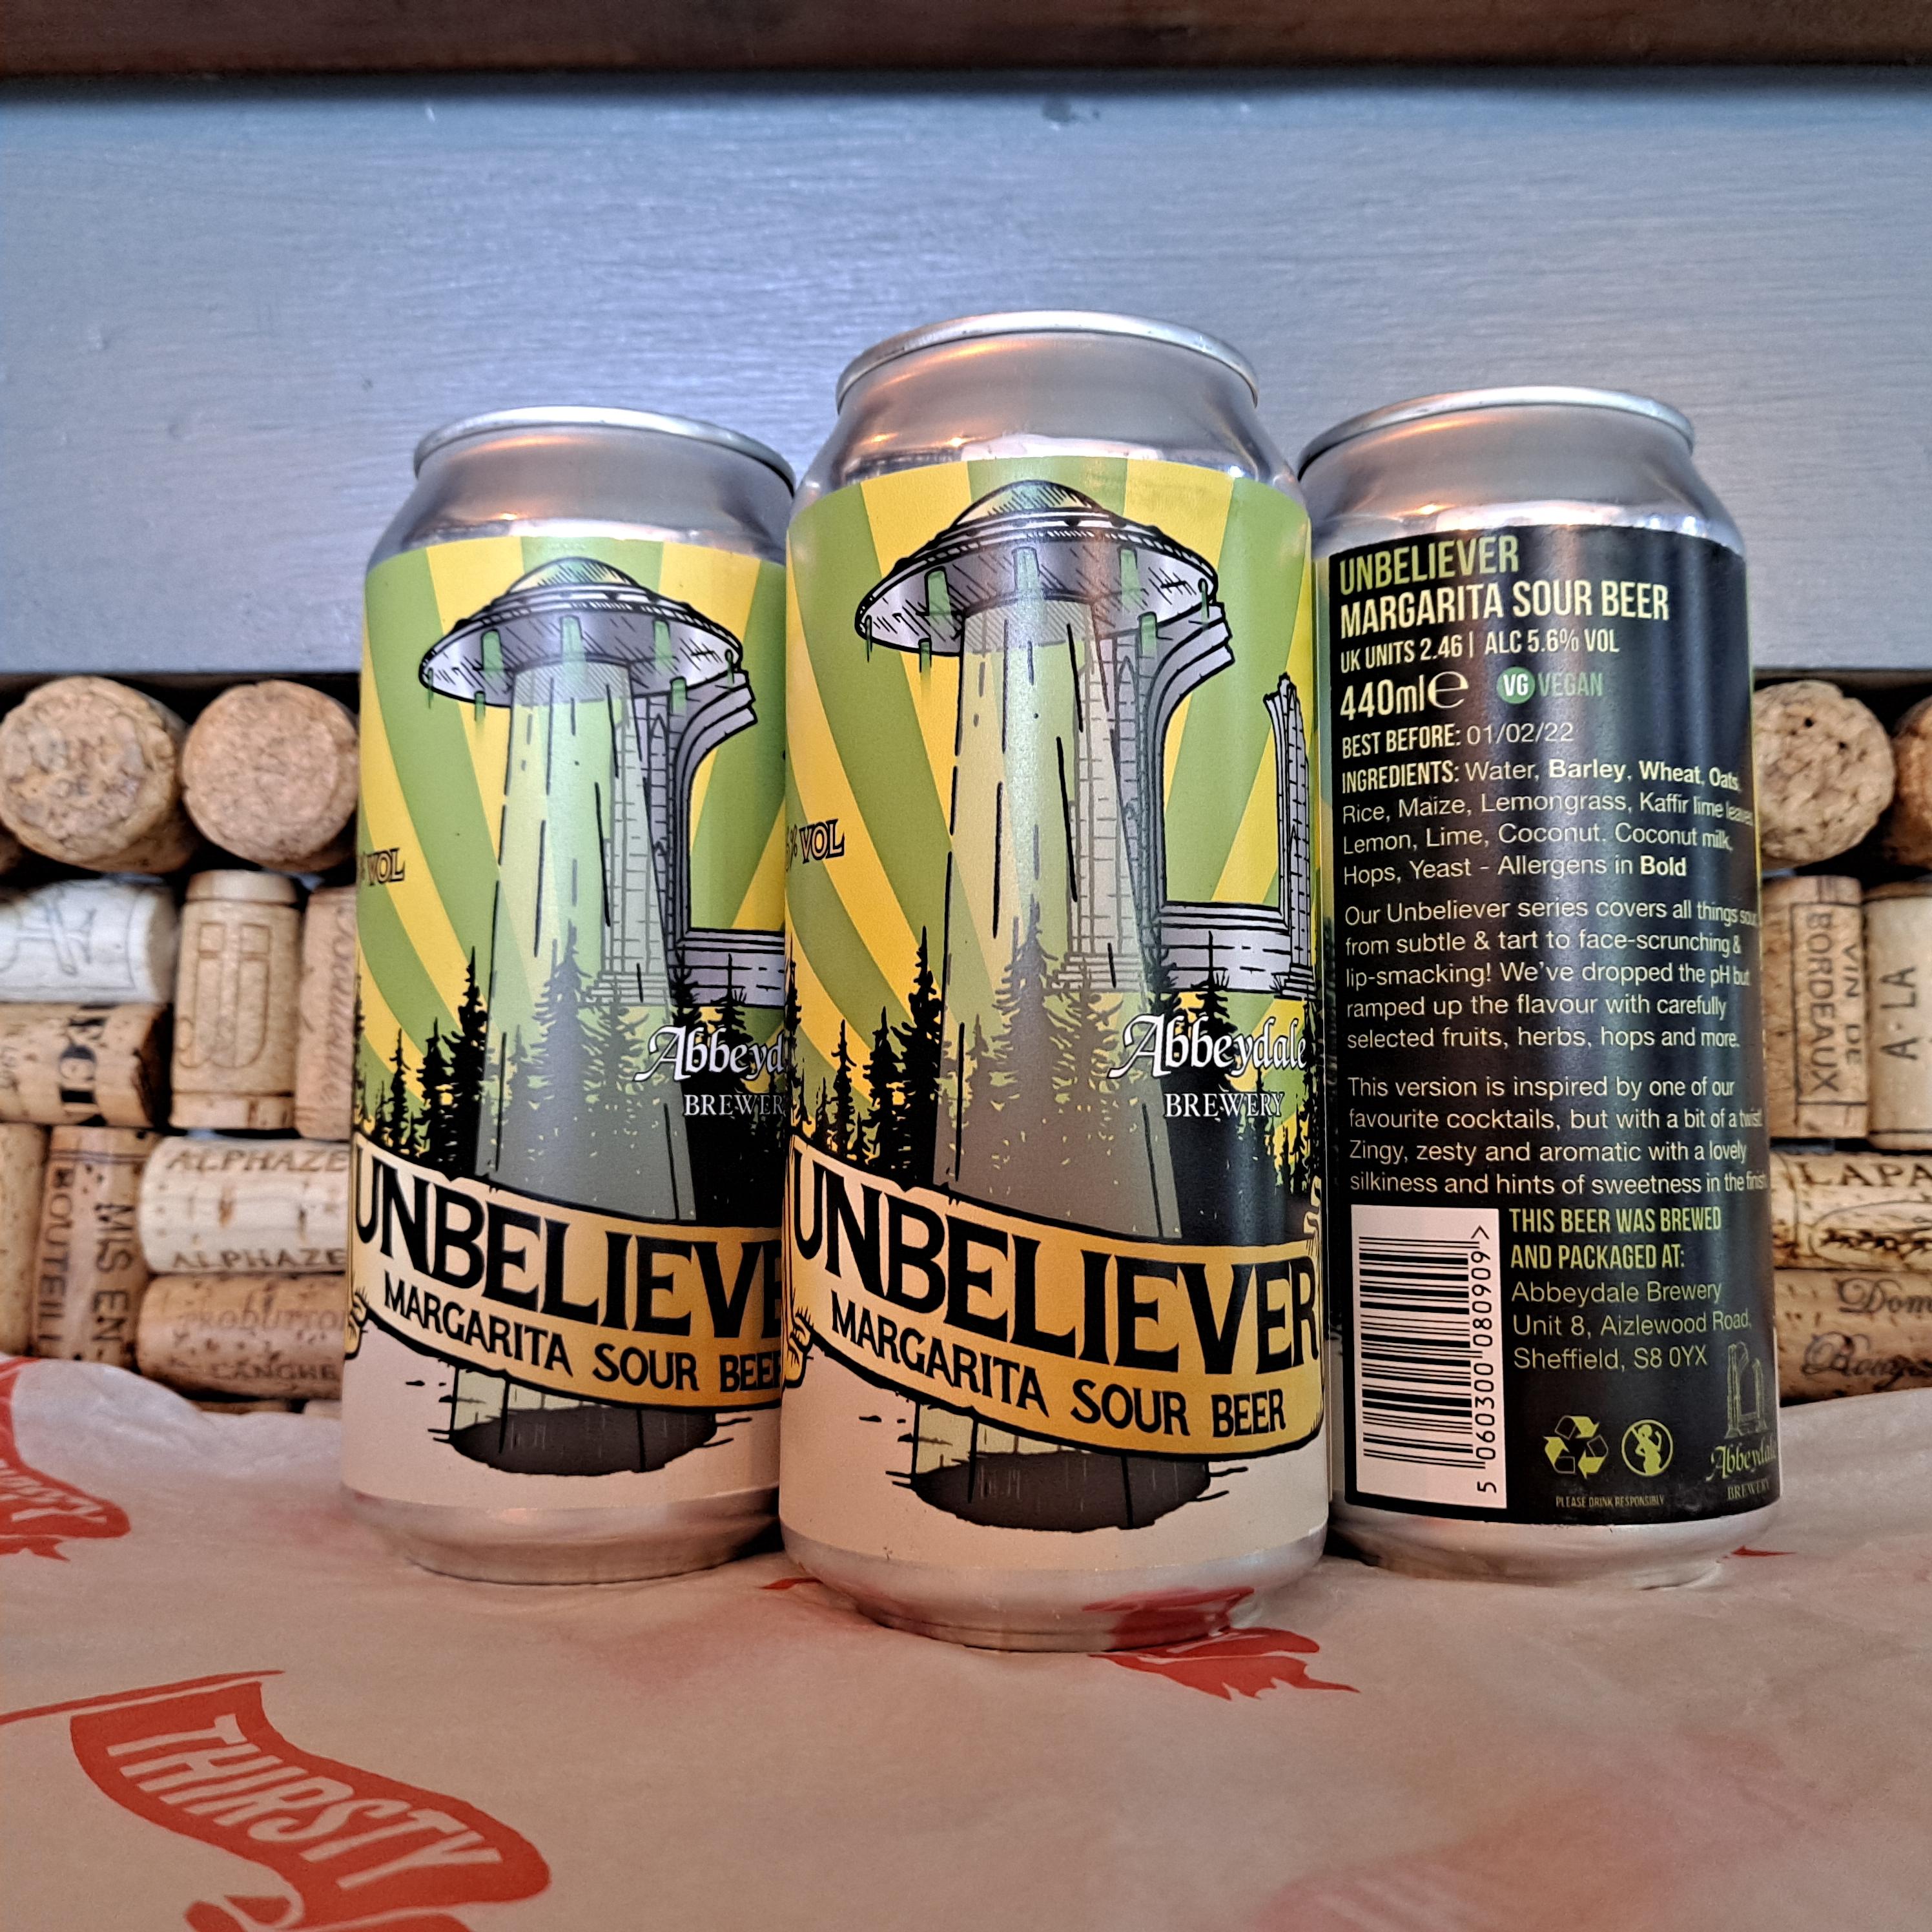 Abbeydale | Unbeliever | Margarita Sour Beer 5.6% 440ml